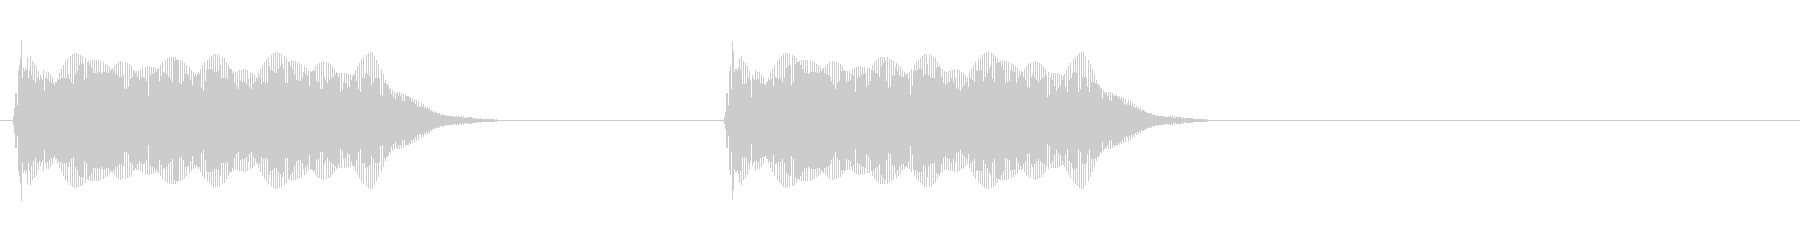 ツーッツーッ(電話・通話終了)の未再生の波形